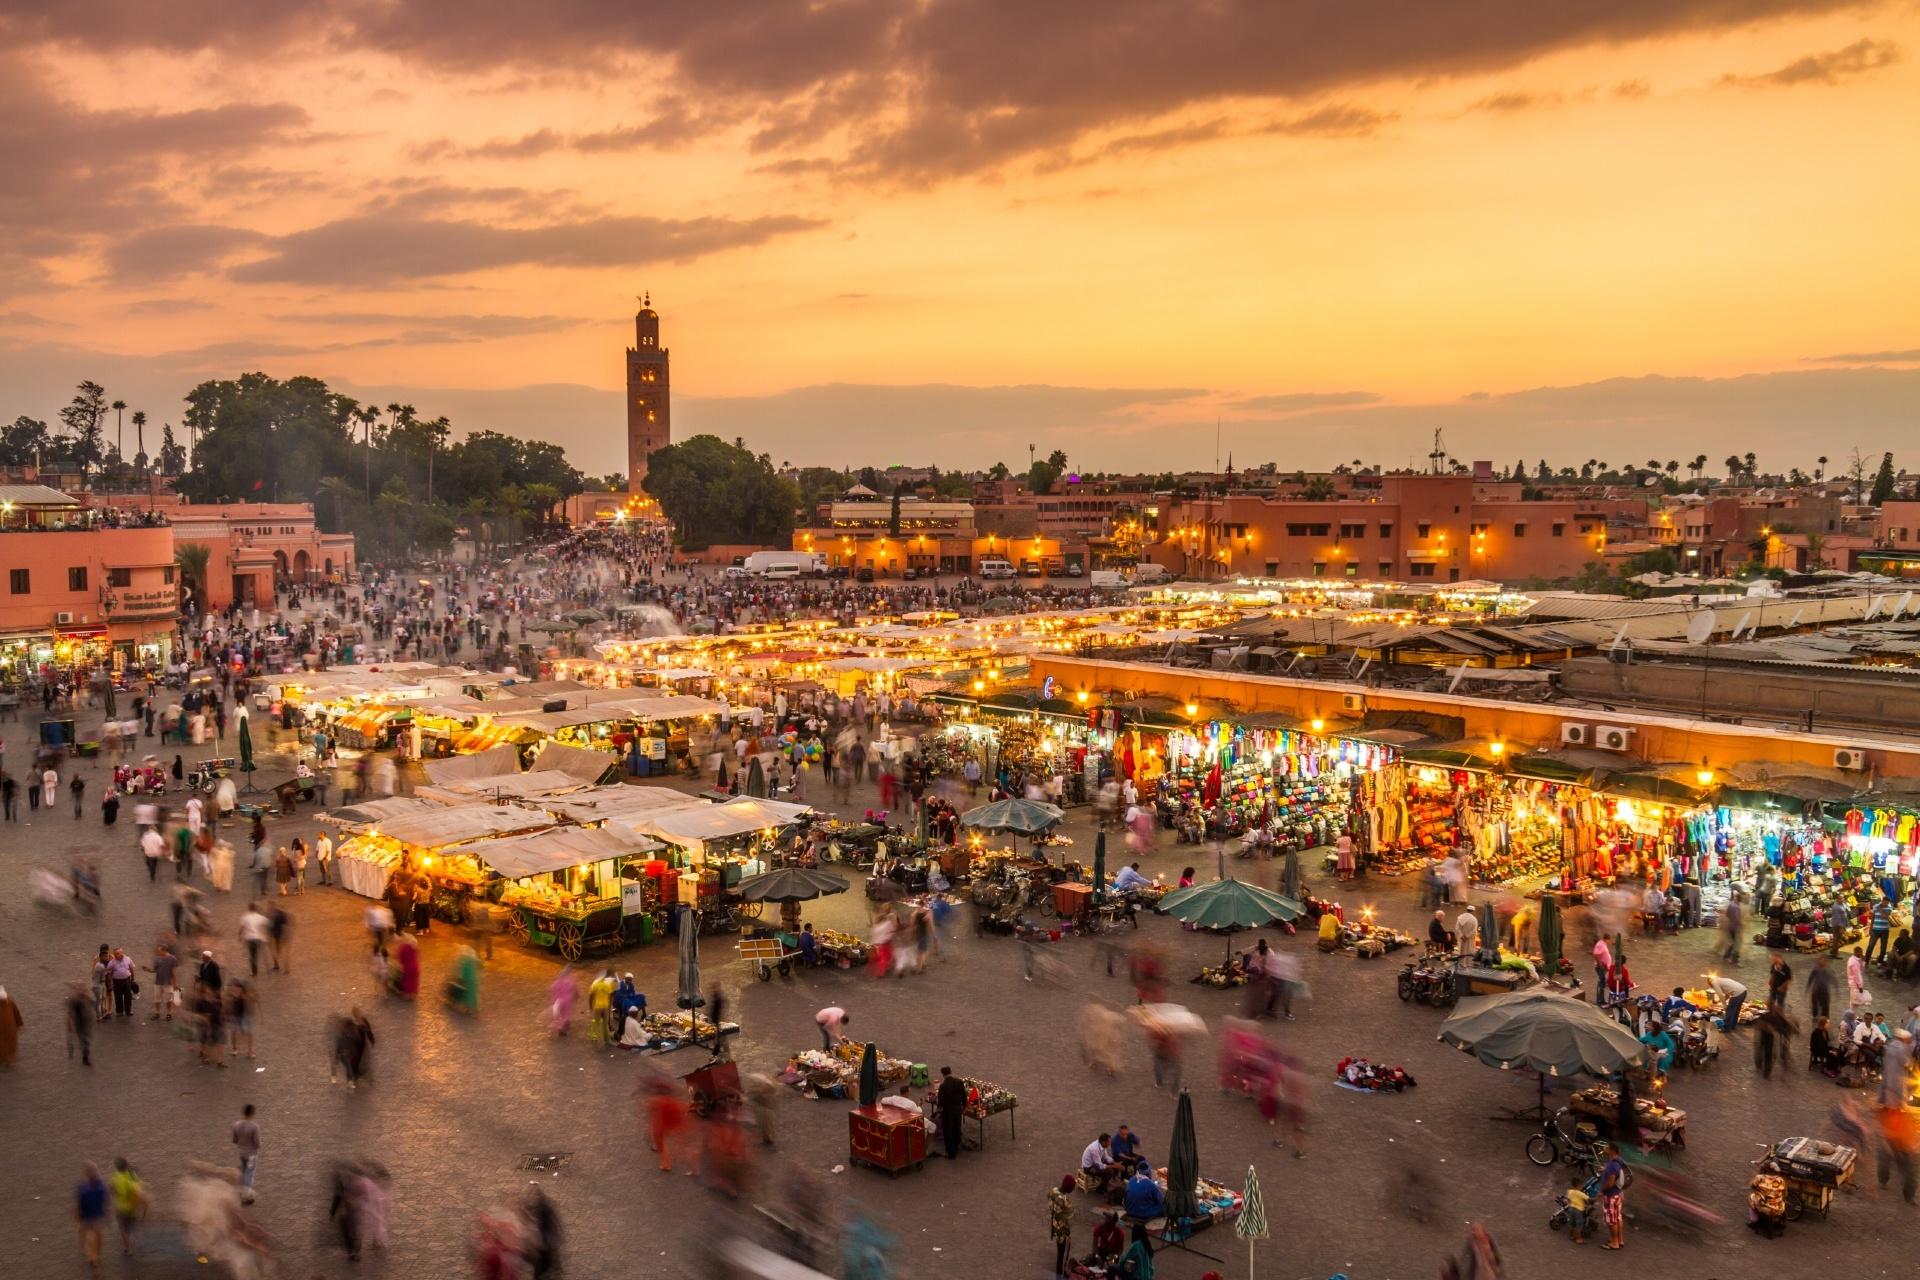 モロッコ・マラケシュのジャマ・エル・フナ広場